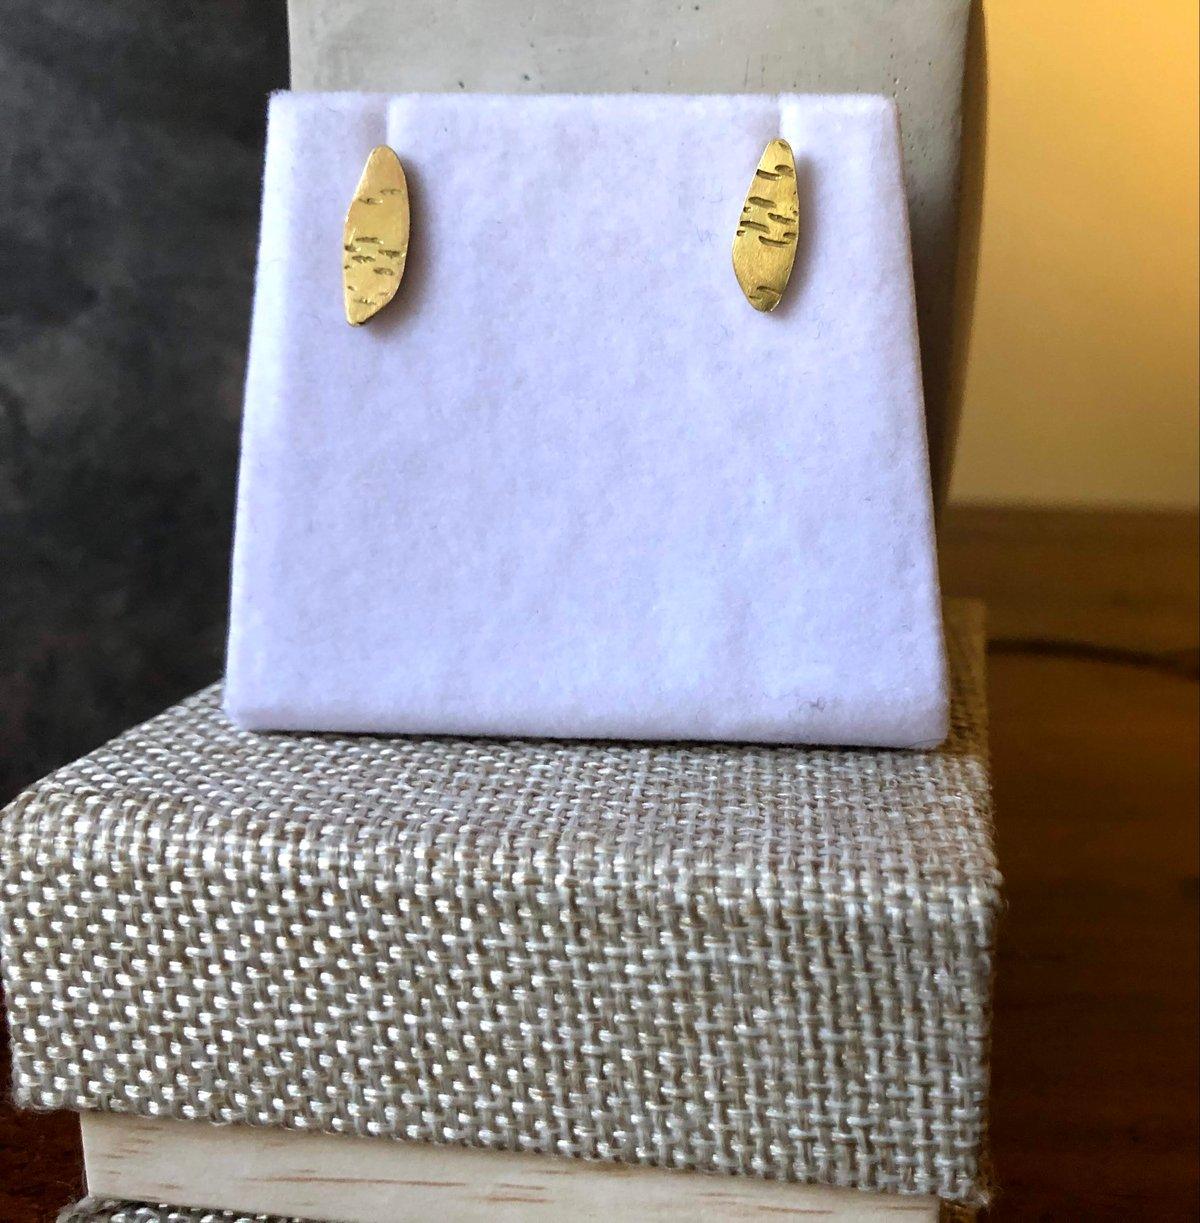 18k gold birch texture stud earrings